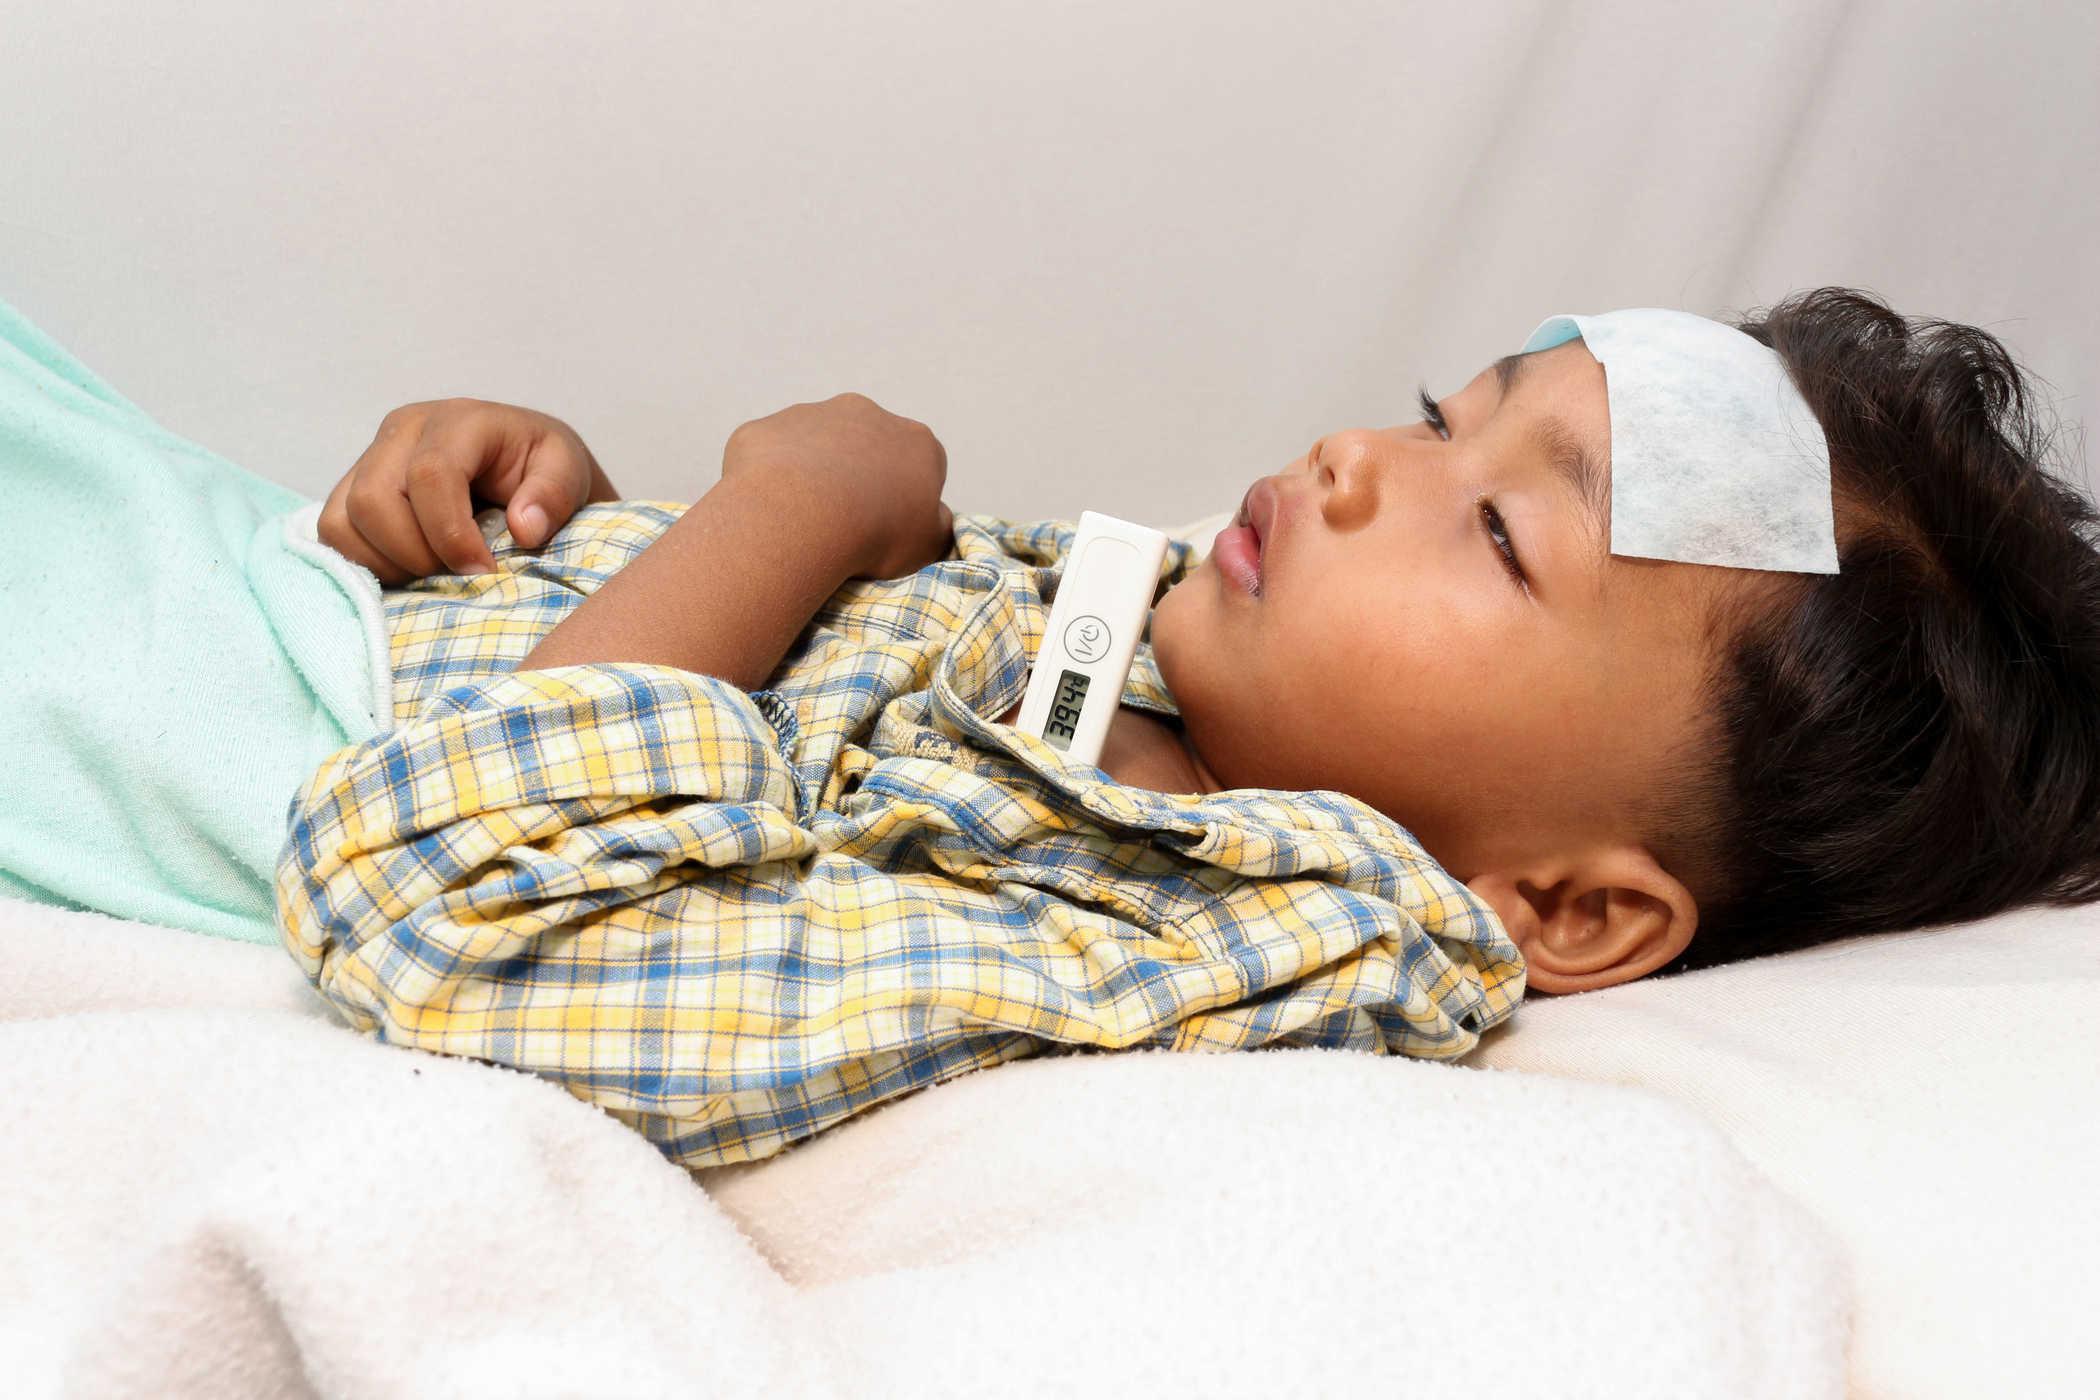 nguyên nhân hay nên sốt ở trẻ